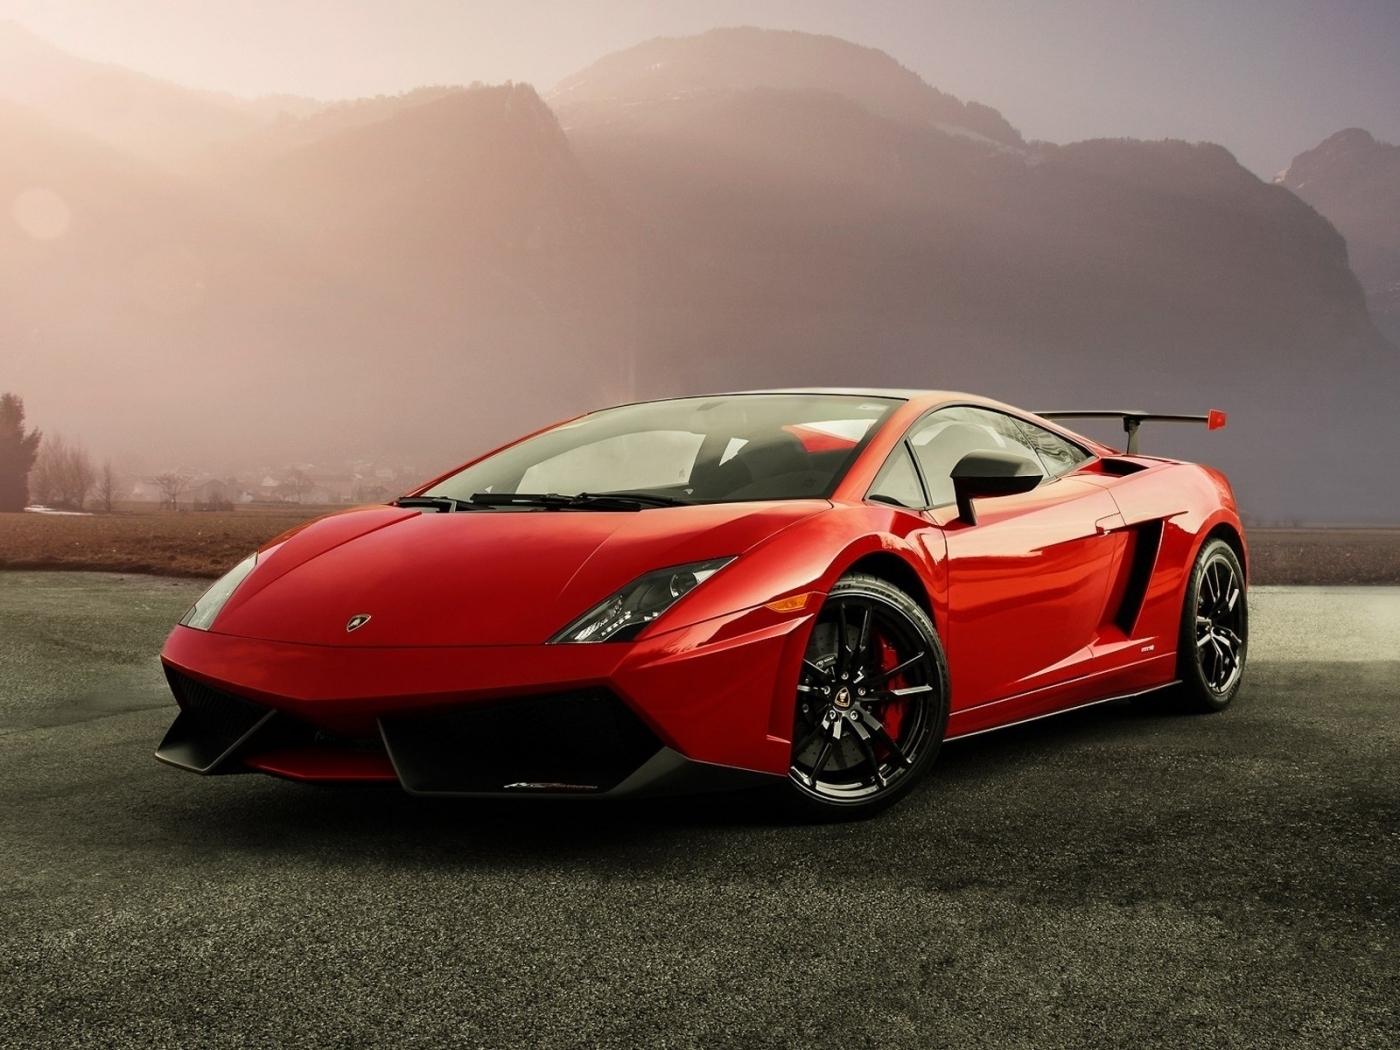 44606 скачать обои Транспорт, Машины, Феррари (Ferrari) - заставки и картинки бесплатно